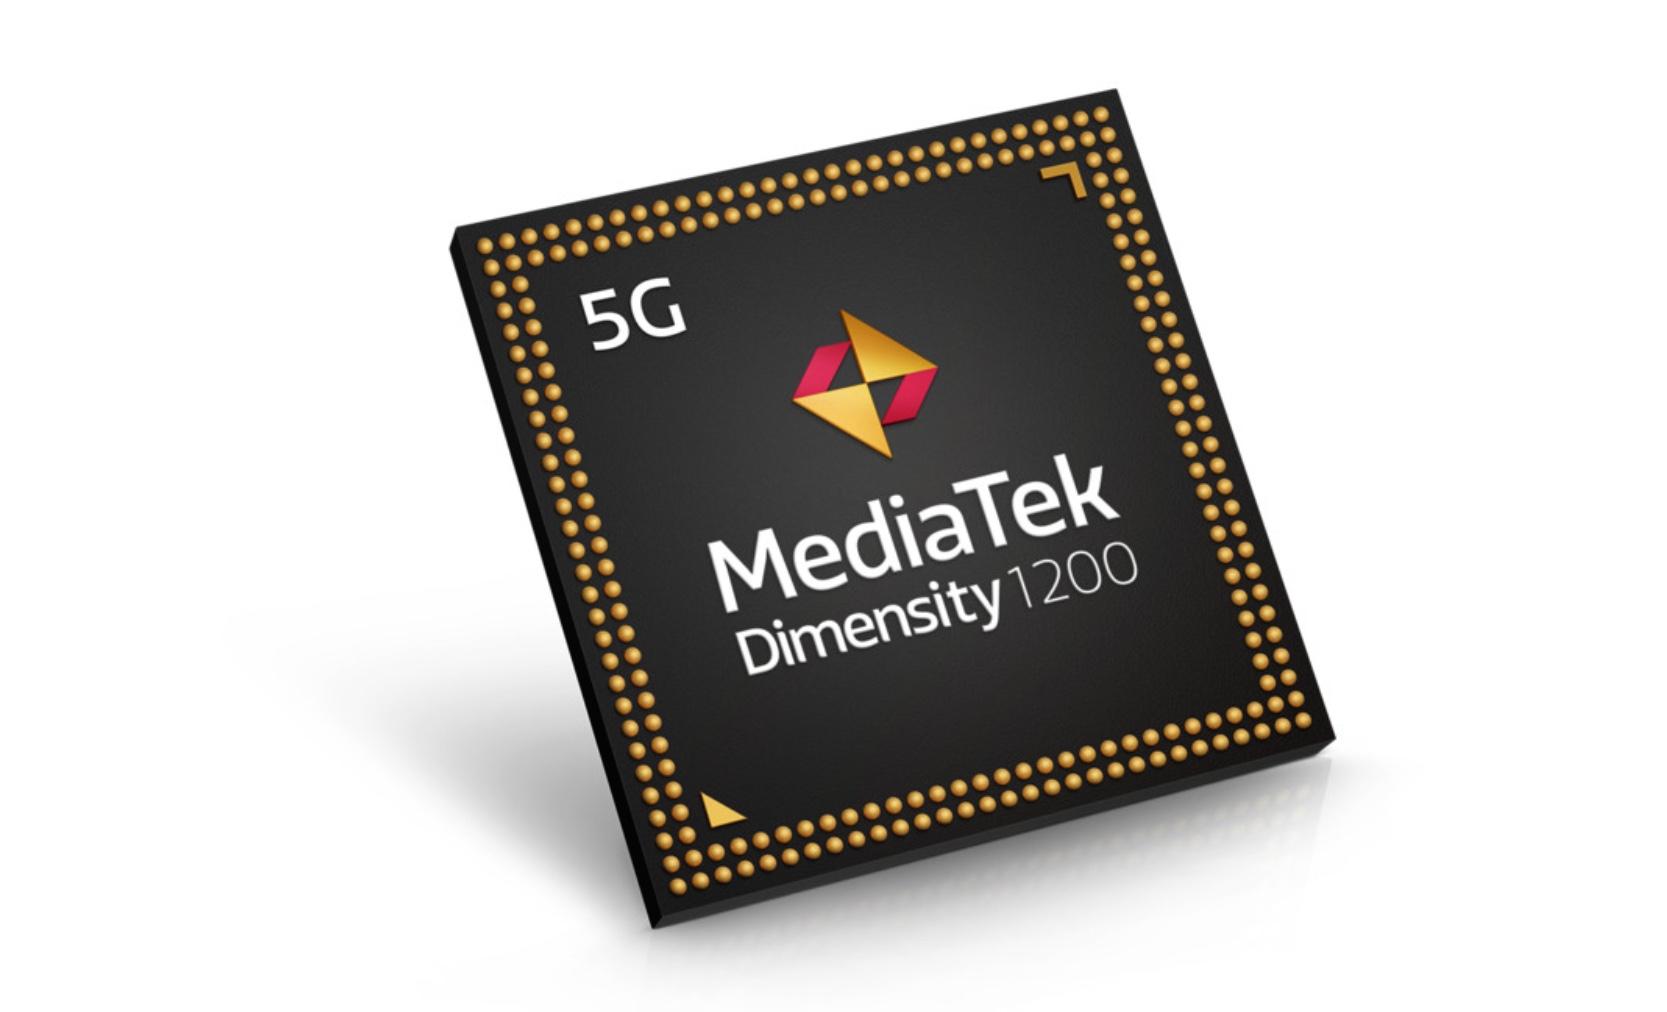 Avec son nouveau duo de SoC mobiles, MediaTek veut s'attaquer au Snapdragon 888 et faire saine concurrence à Qualcomm sur le haut de gamme.